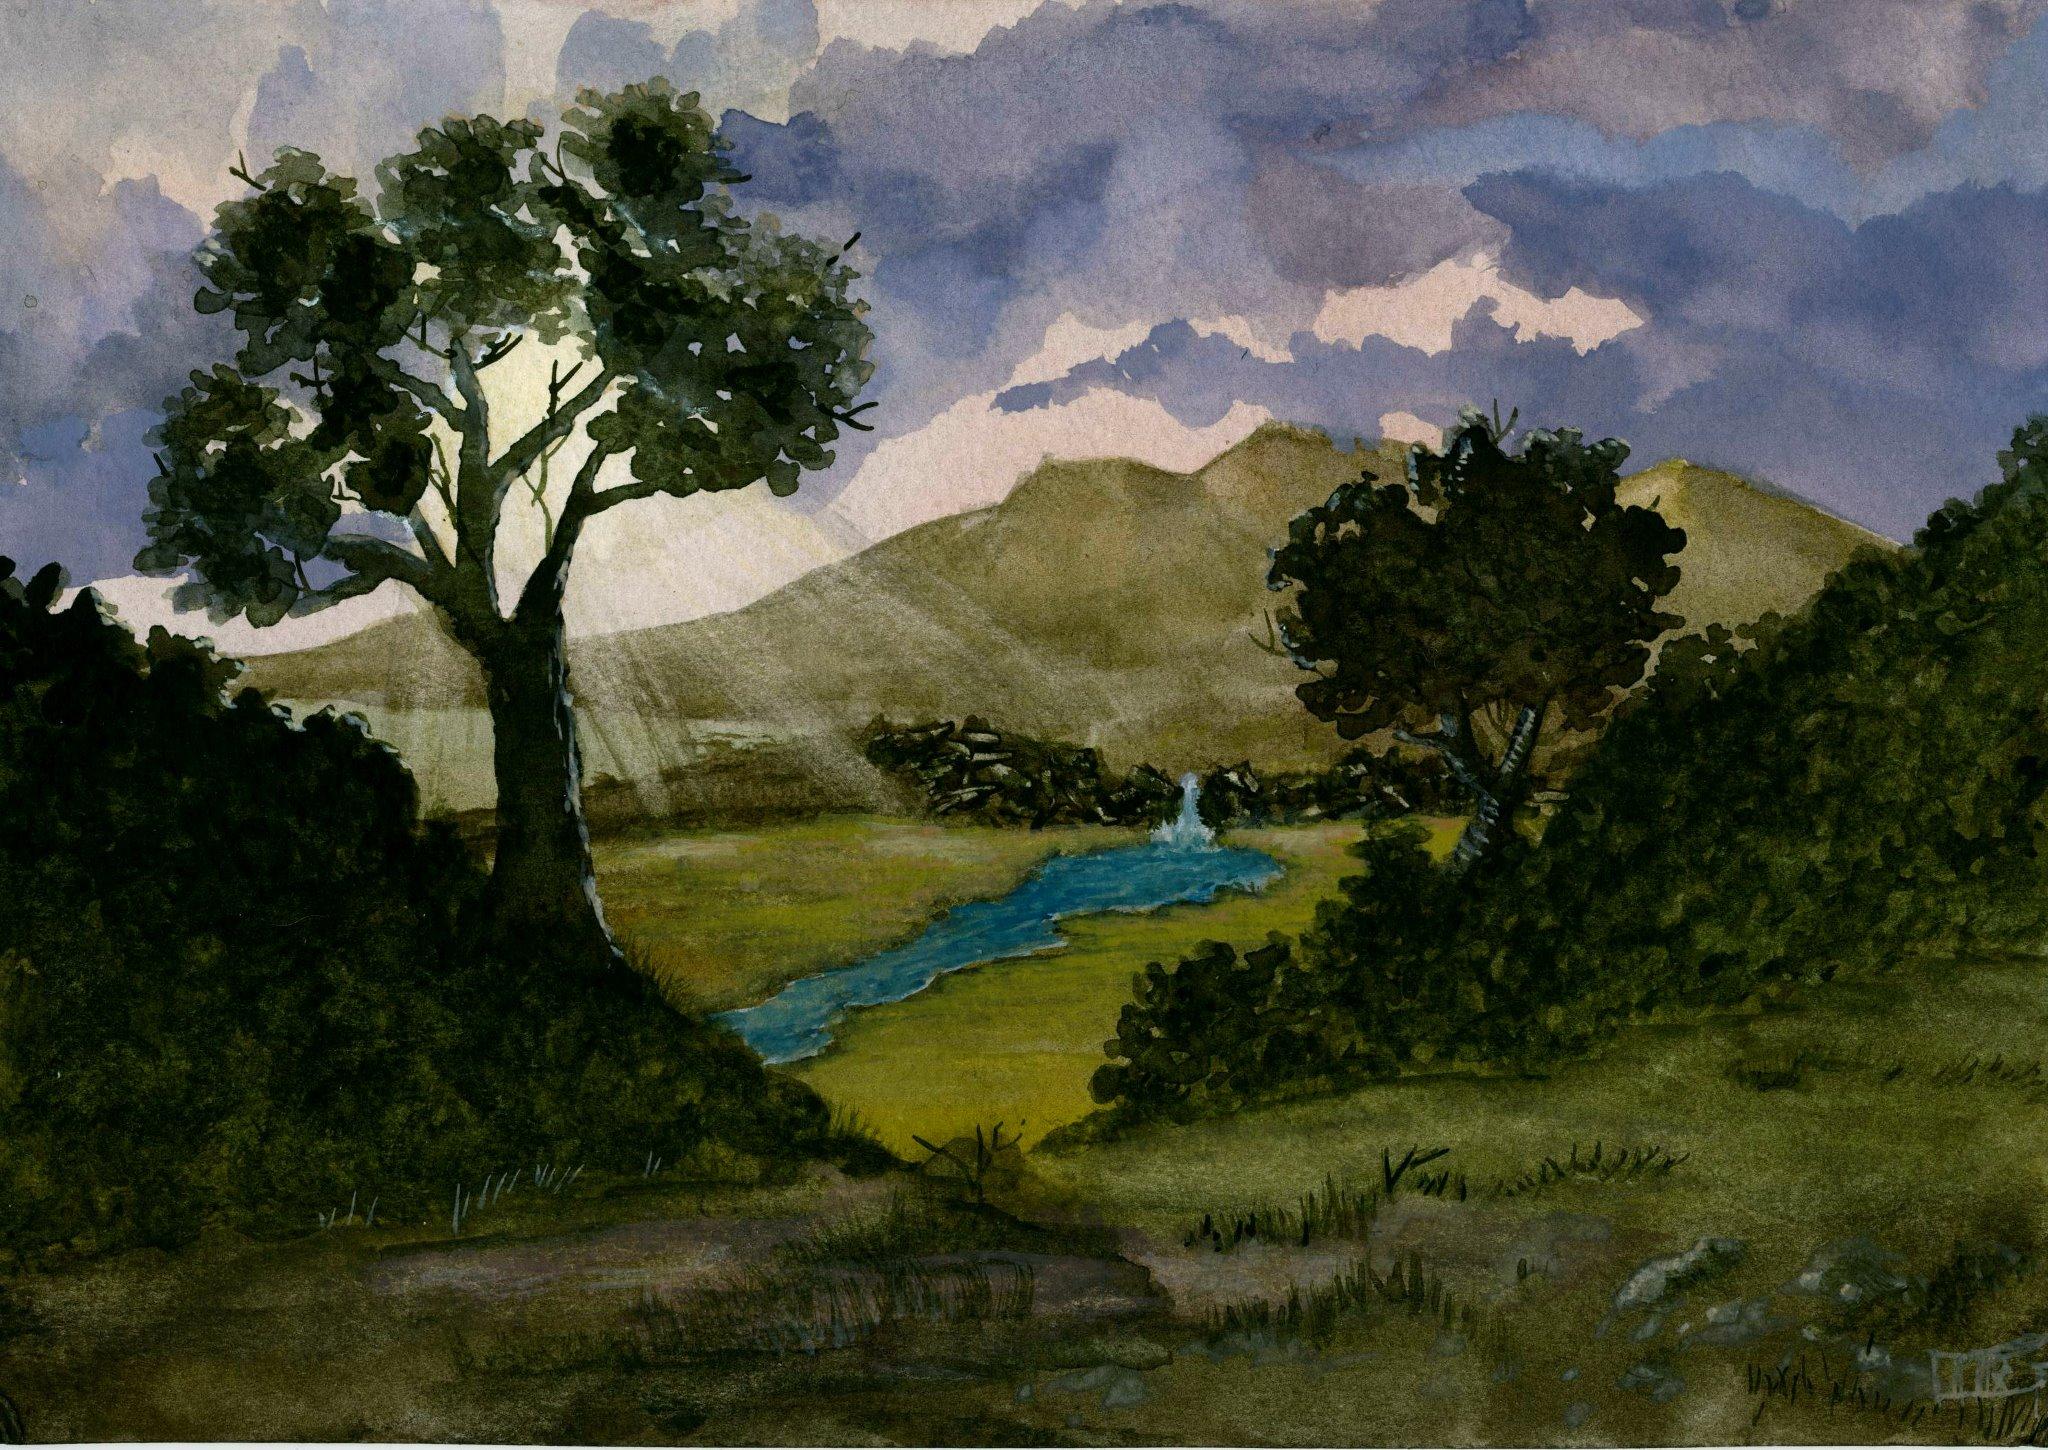 Sky, Mountain, River